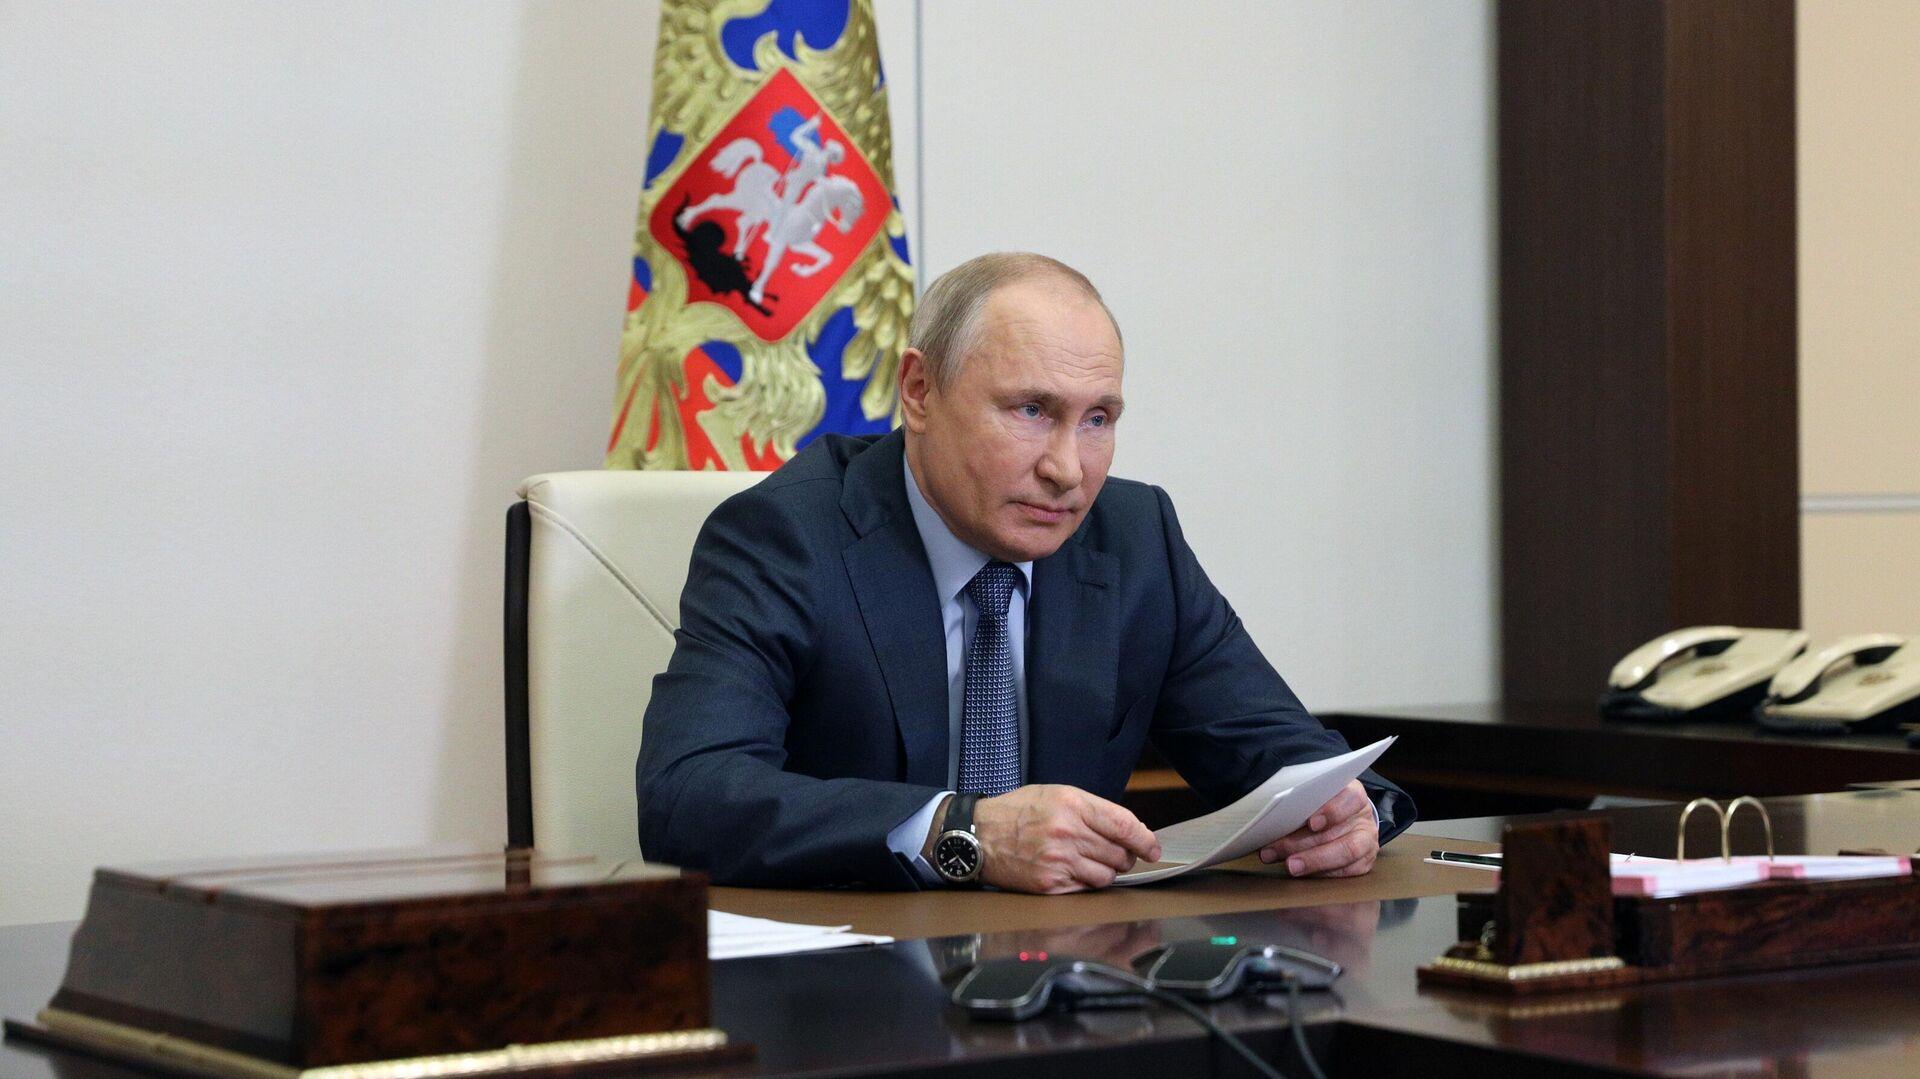 Президент РФ Владимир Путин во время встречи в режиме видеоконференции с представителями социальных организаций - РИА Новости, 1920, 09.06.2021